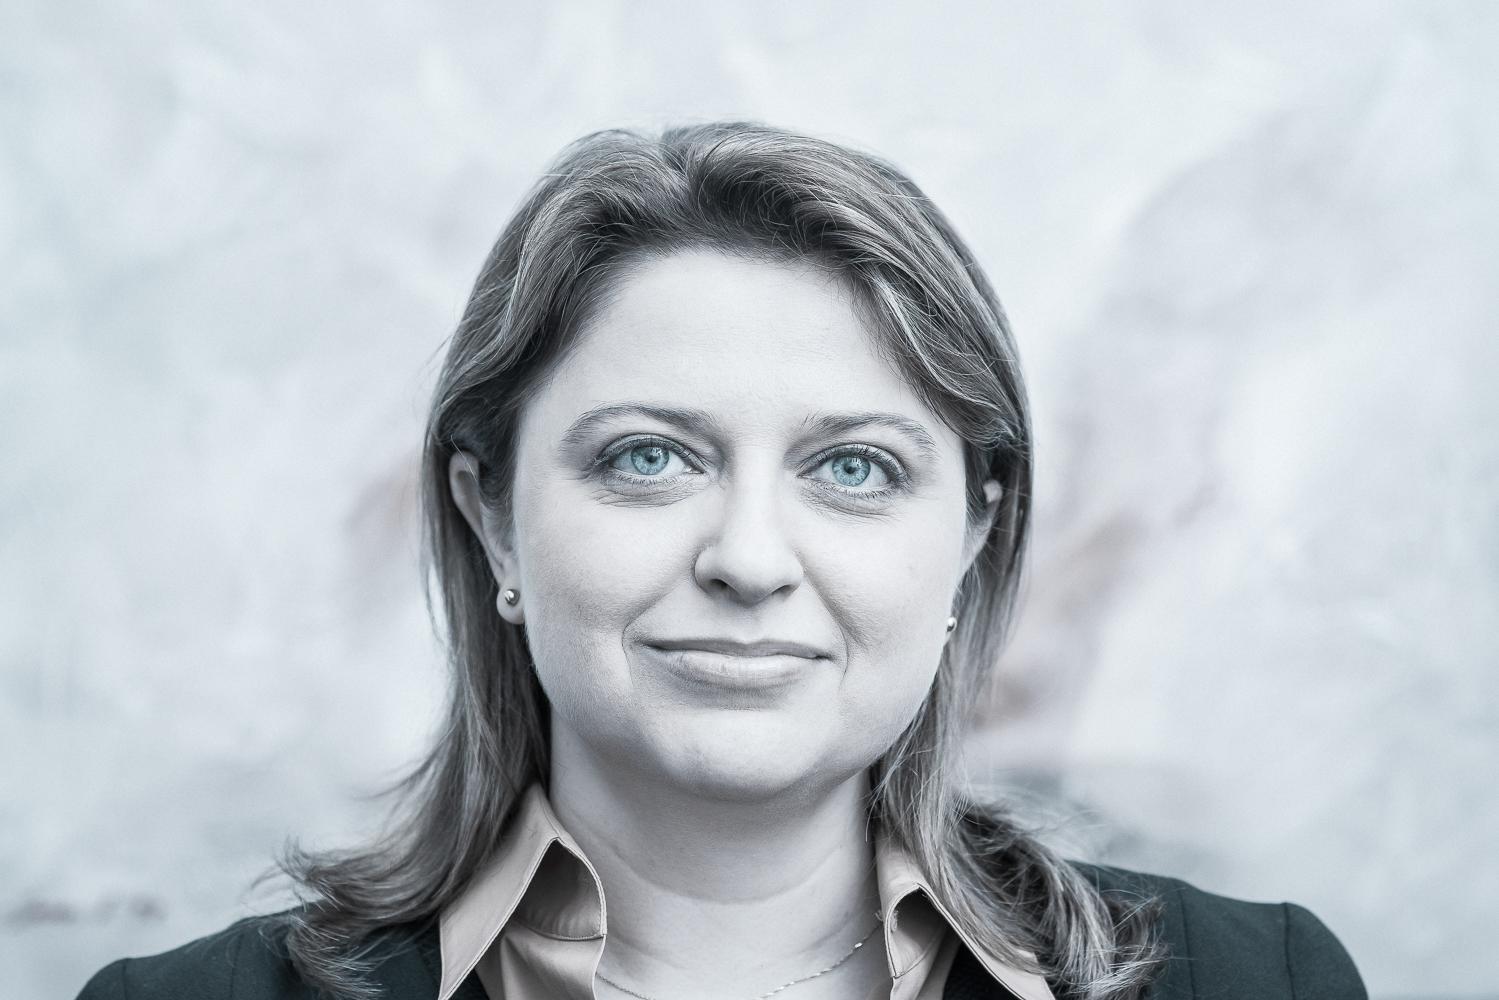 Адвокаты Бартель в Кёльне и Бергхайме, Германия - Адвокат Ольга Мойсын.